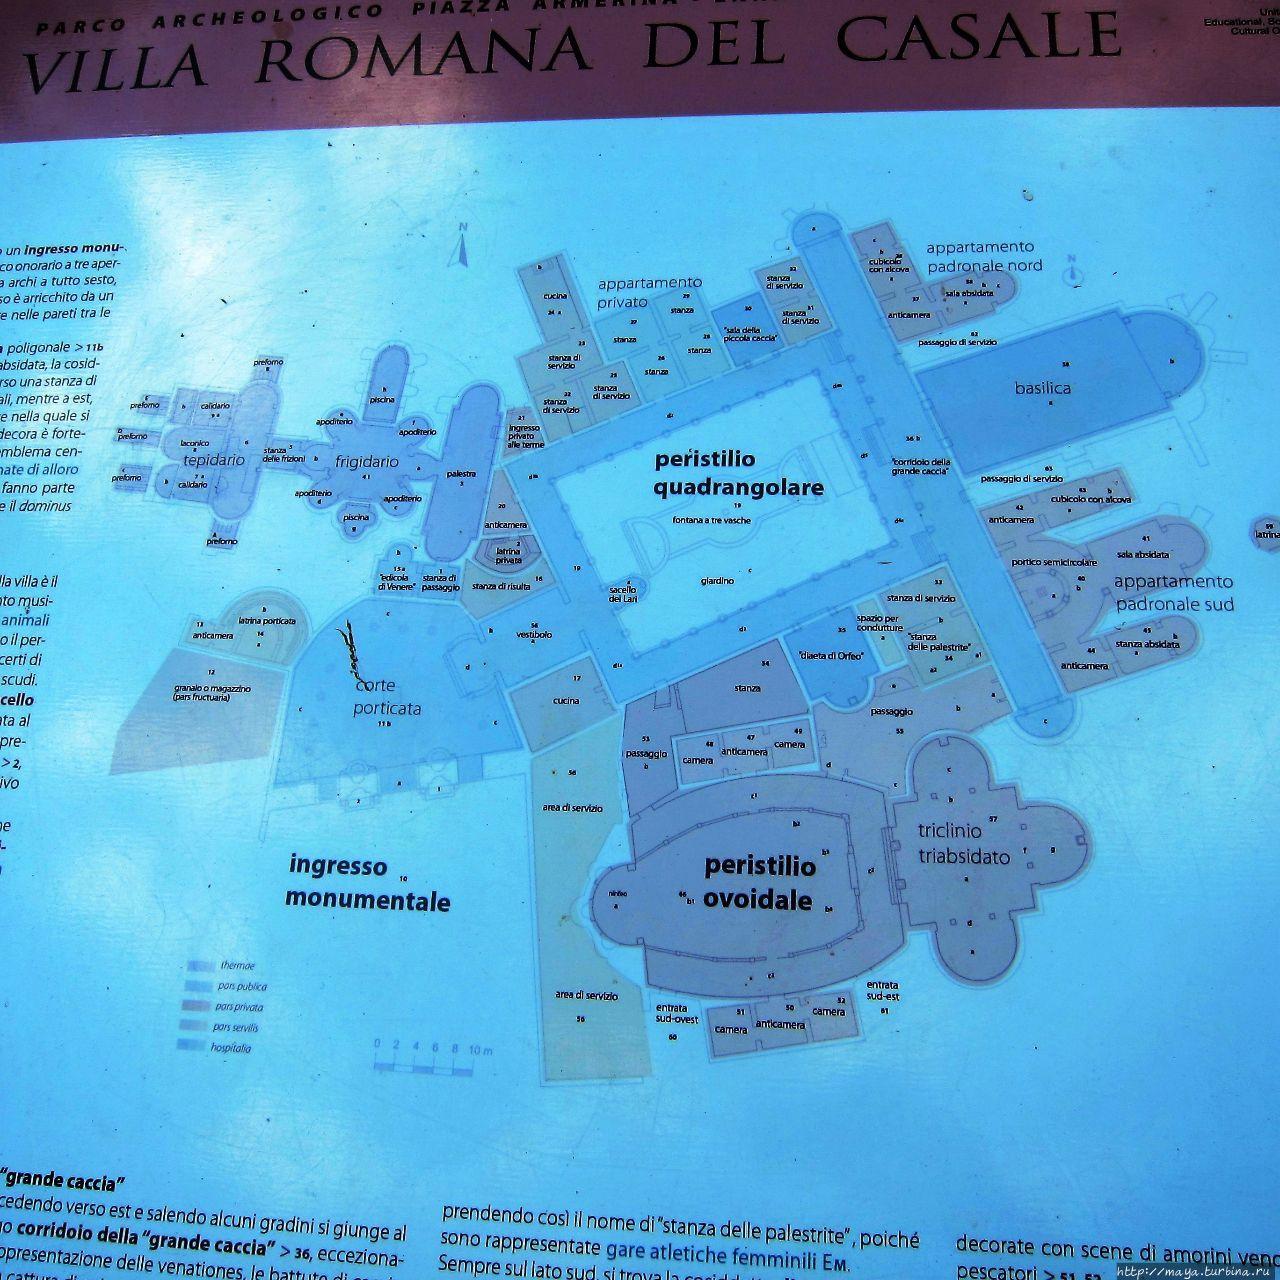 У каждого помещения есть плакаты с подробными пояснениями Пьяцца-Армерина, Италия